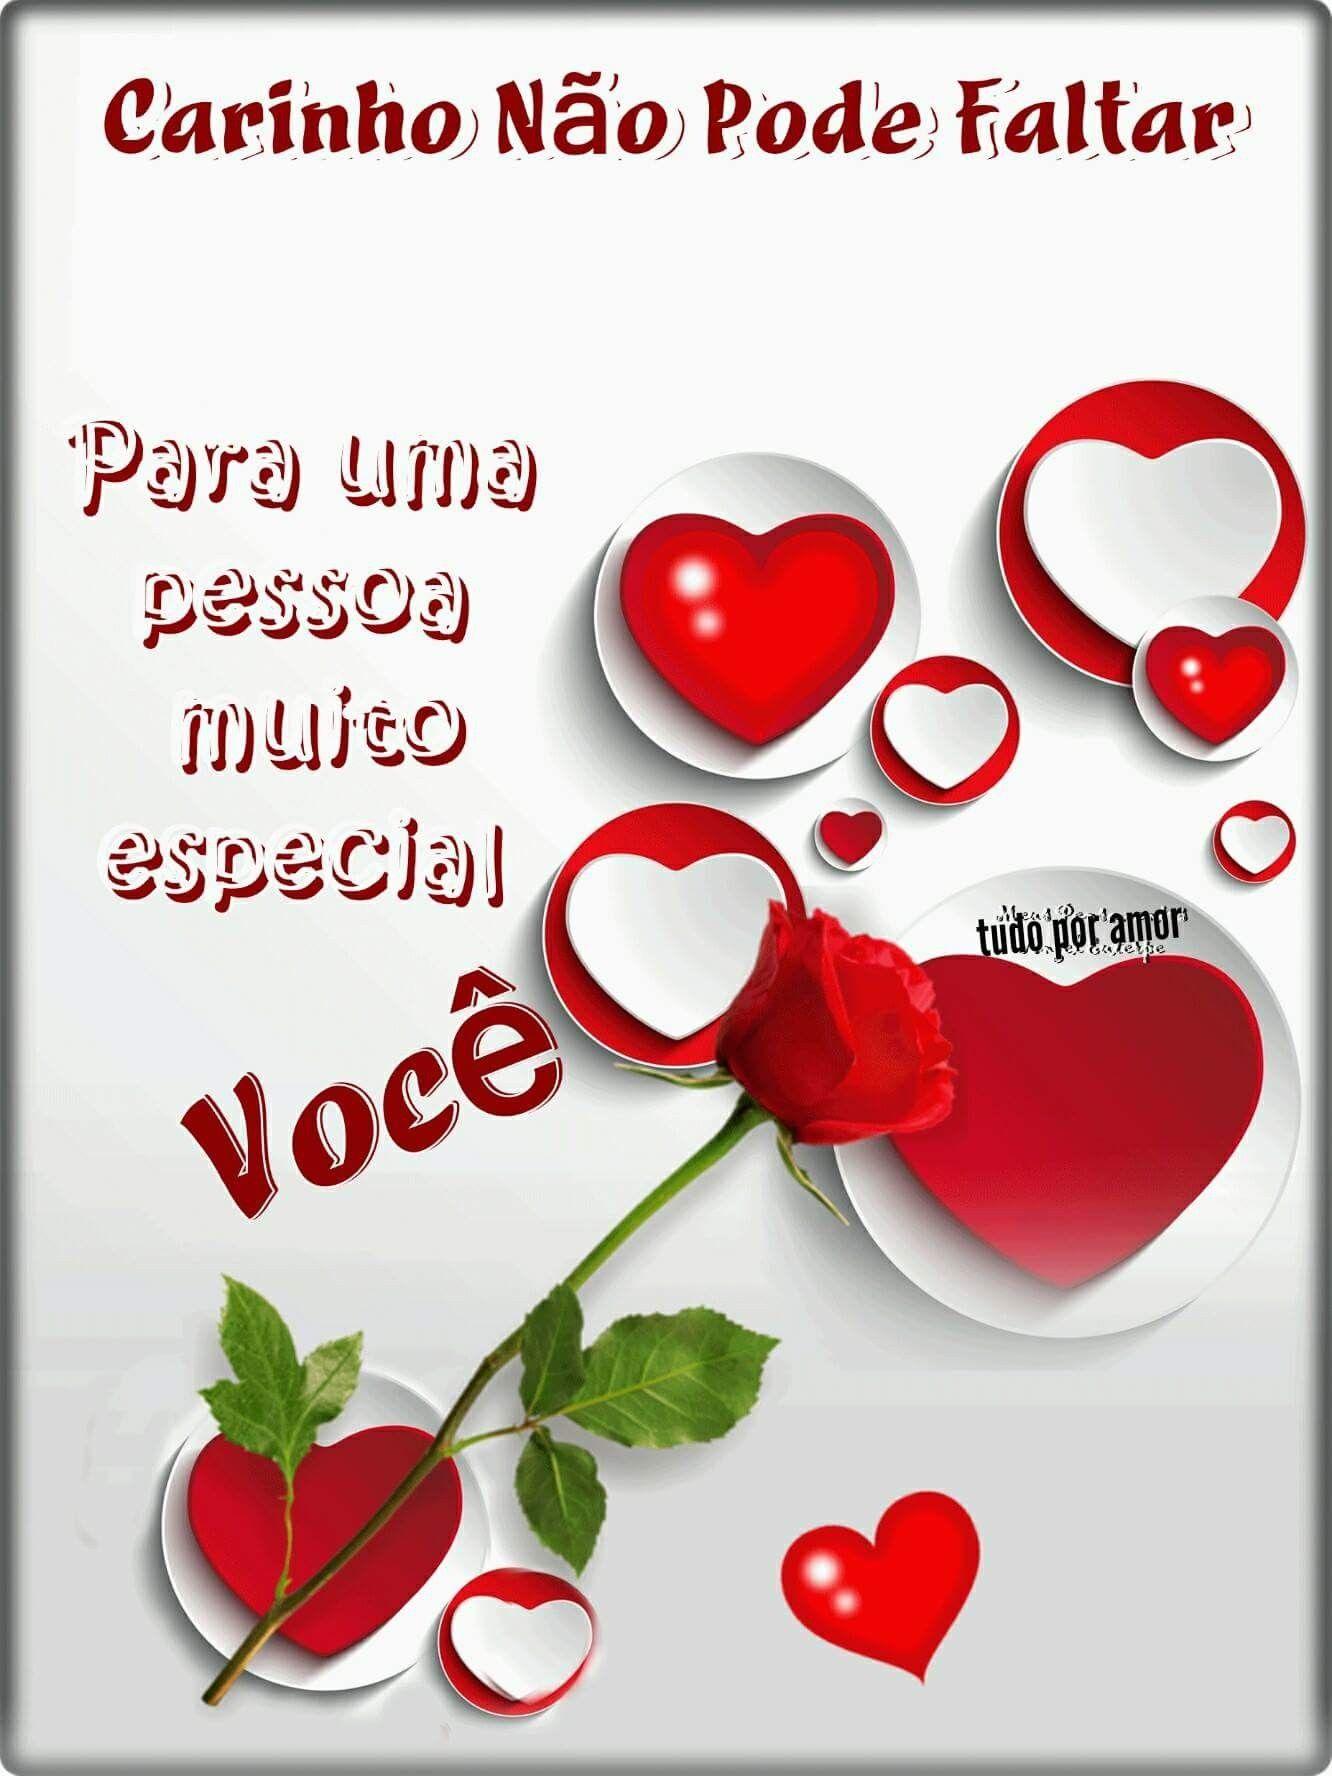 Pin De Nilza Da Em Amigo Pinterest Amor Frases E Frases Románticas